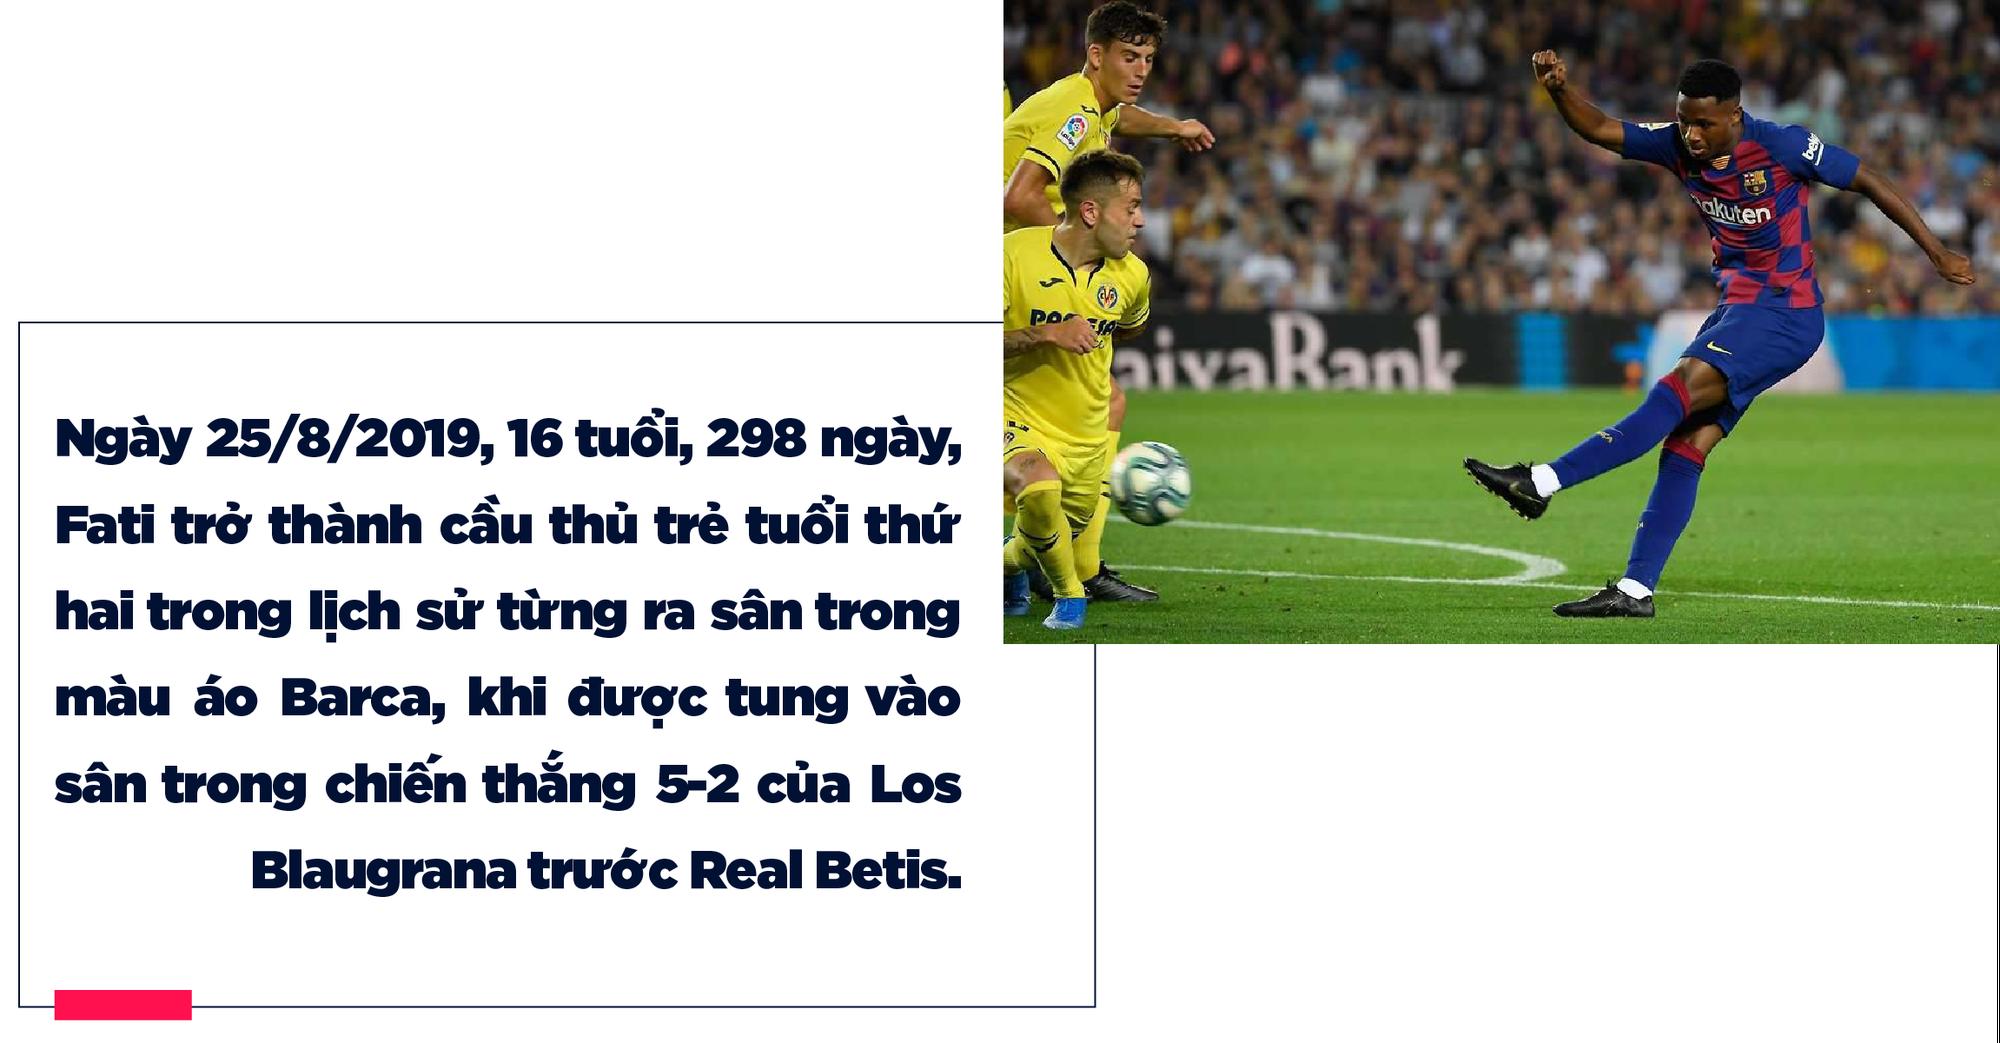 Ansu Fati: Từ giấc mơ Chapi đến ước vọng về một Messi đệ nhị của người Catalonia - Ảnh 6.